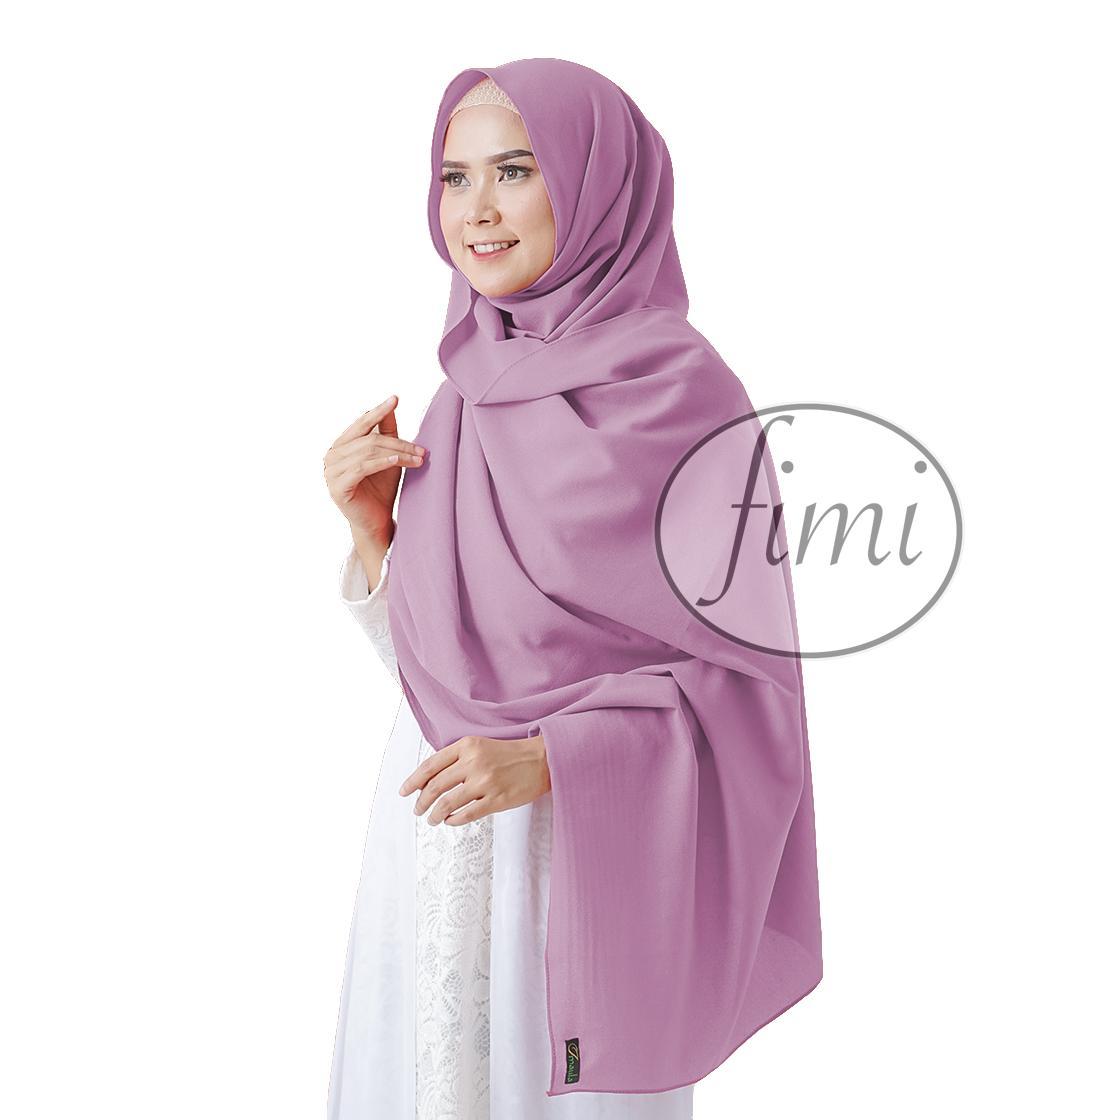 PASHMINA SABYAN DIAMOND 175 CM Fimi Jilbab Hijab Kerudung Pasmina Sabyan Panjang Polos 75 x 175cm Model Terbaru